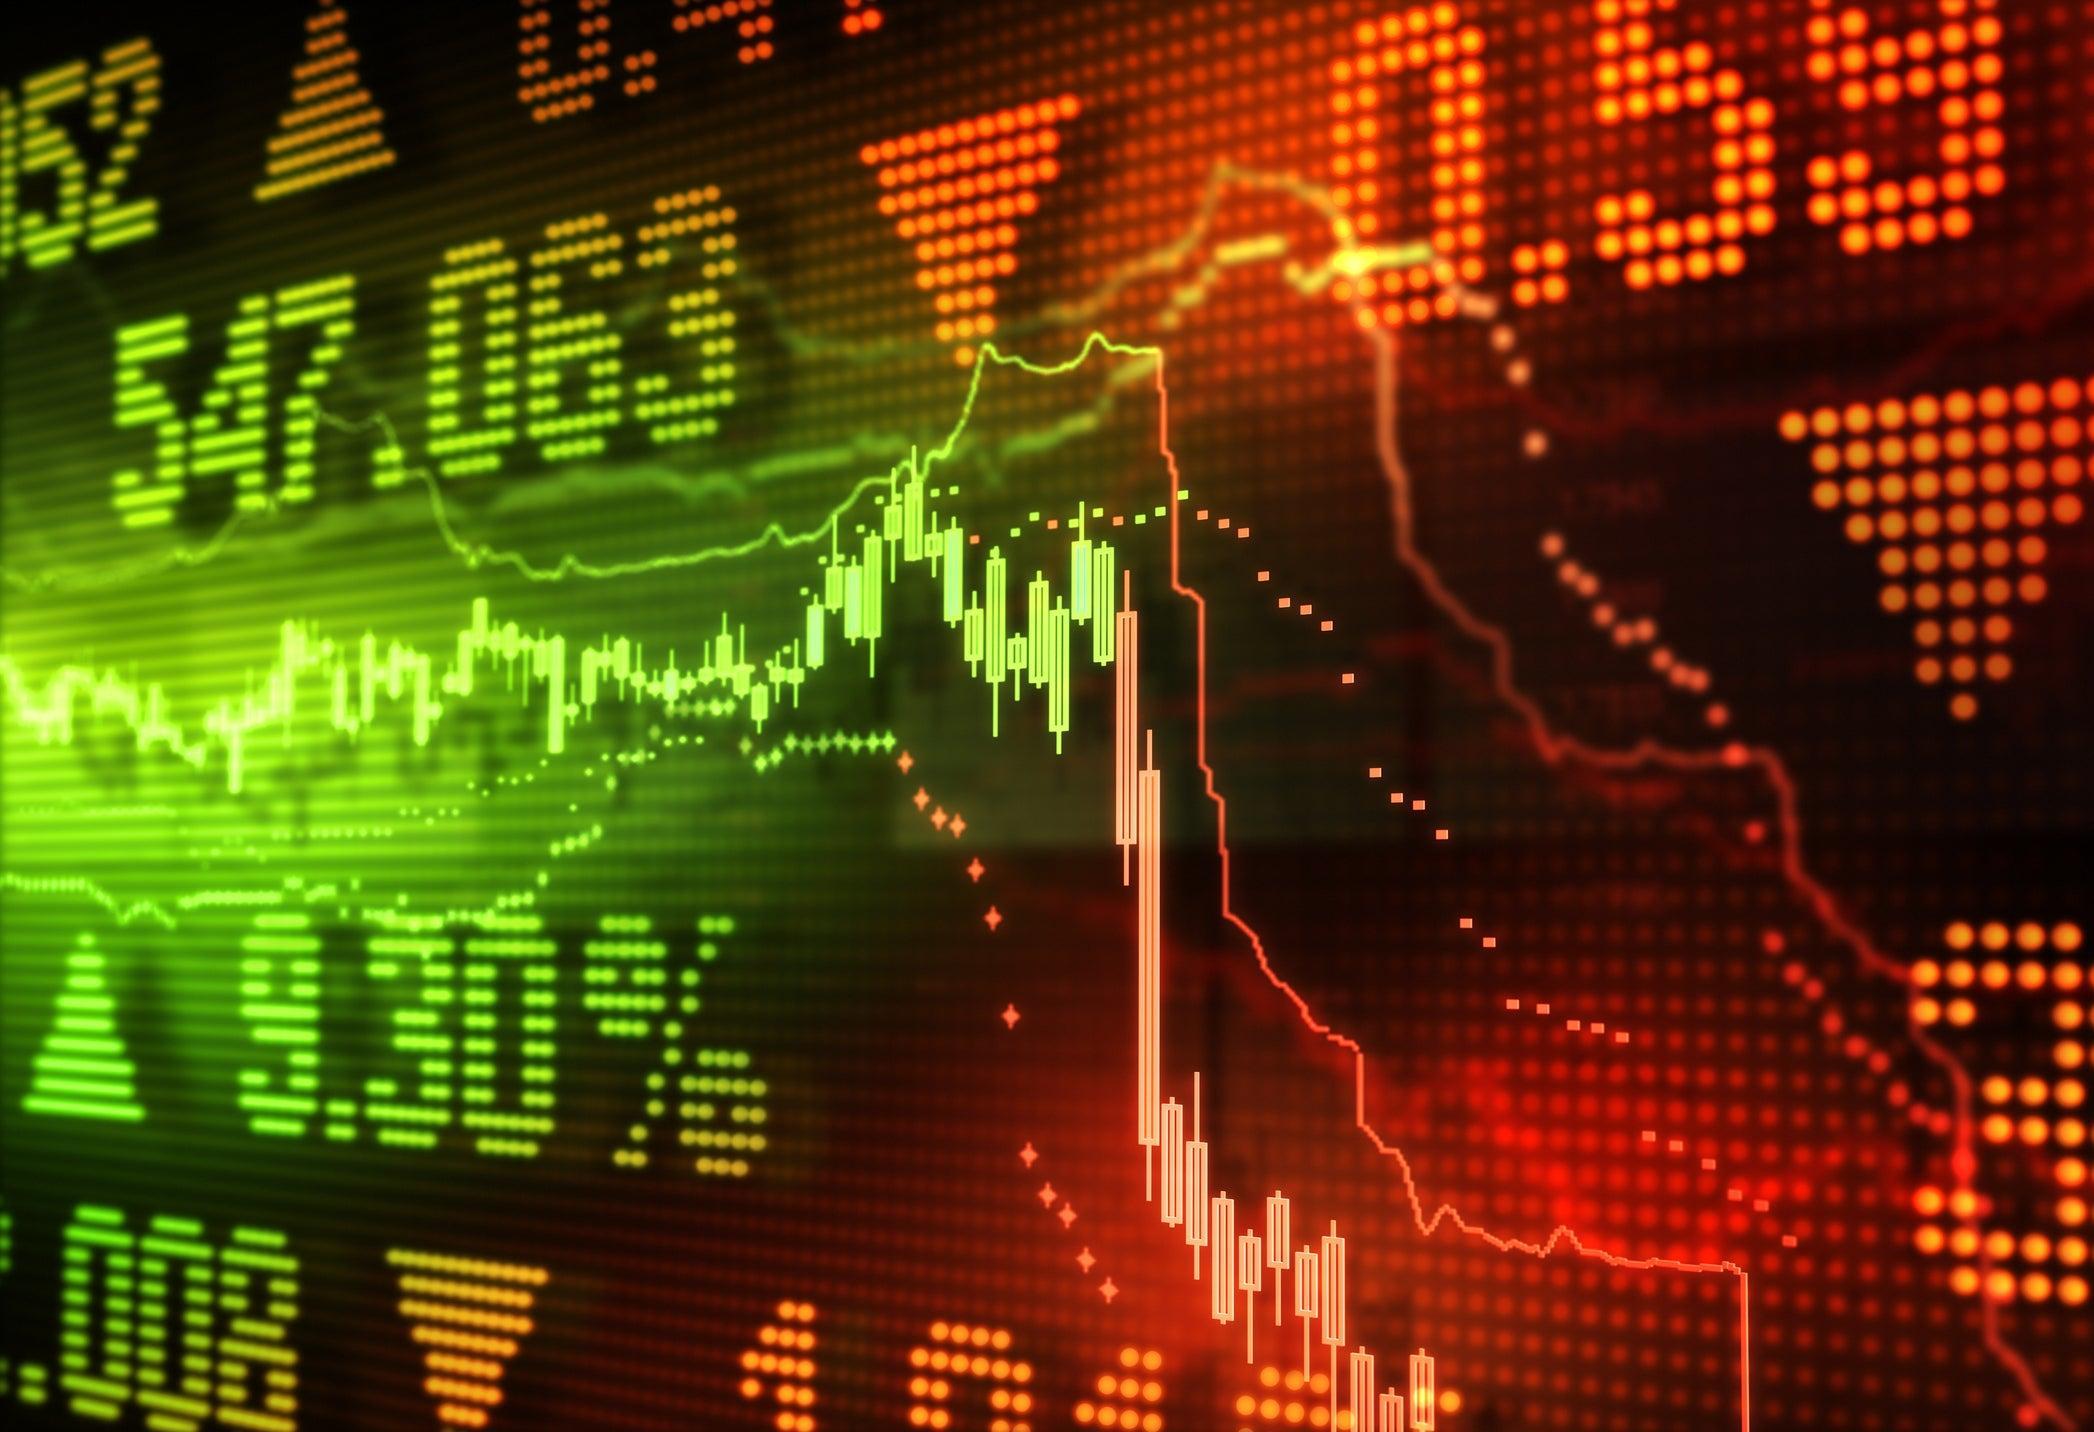 Sự chao đảo của thị trường chứng khoán gần đây mới chỉ là khởi đầu của một tuần đầy biến động trước mắt!